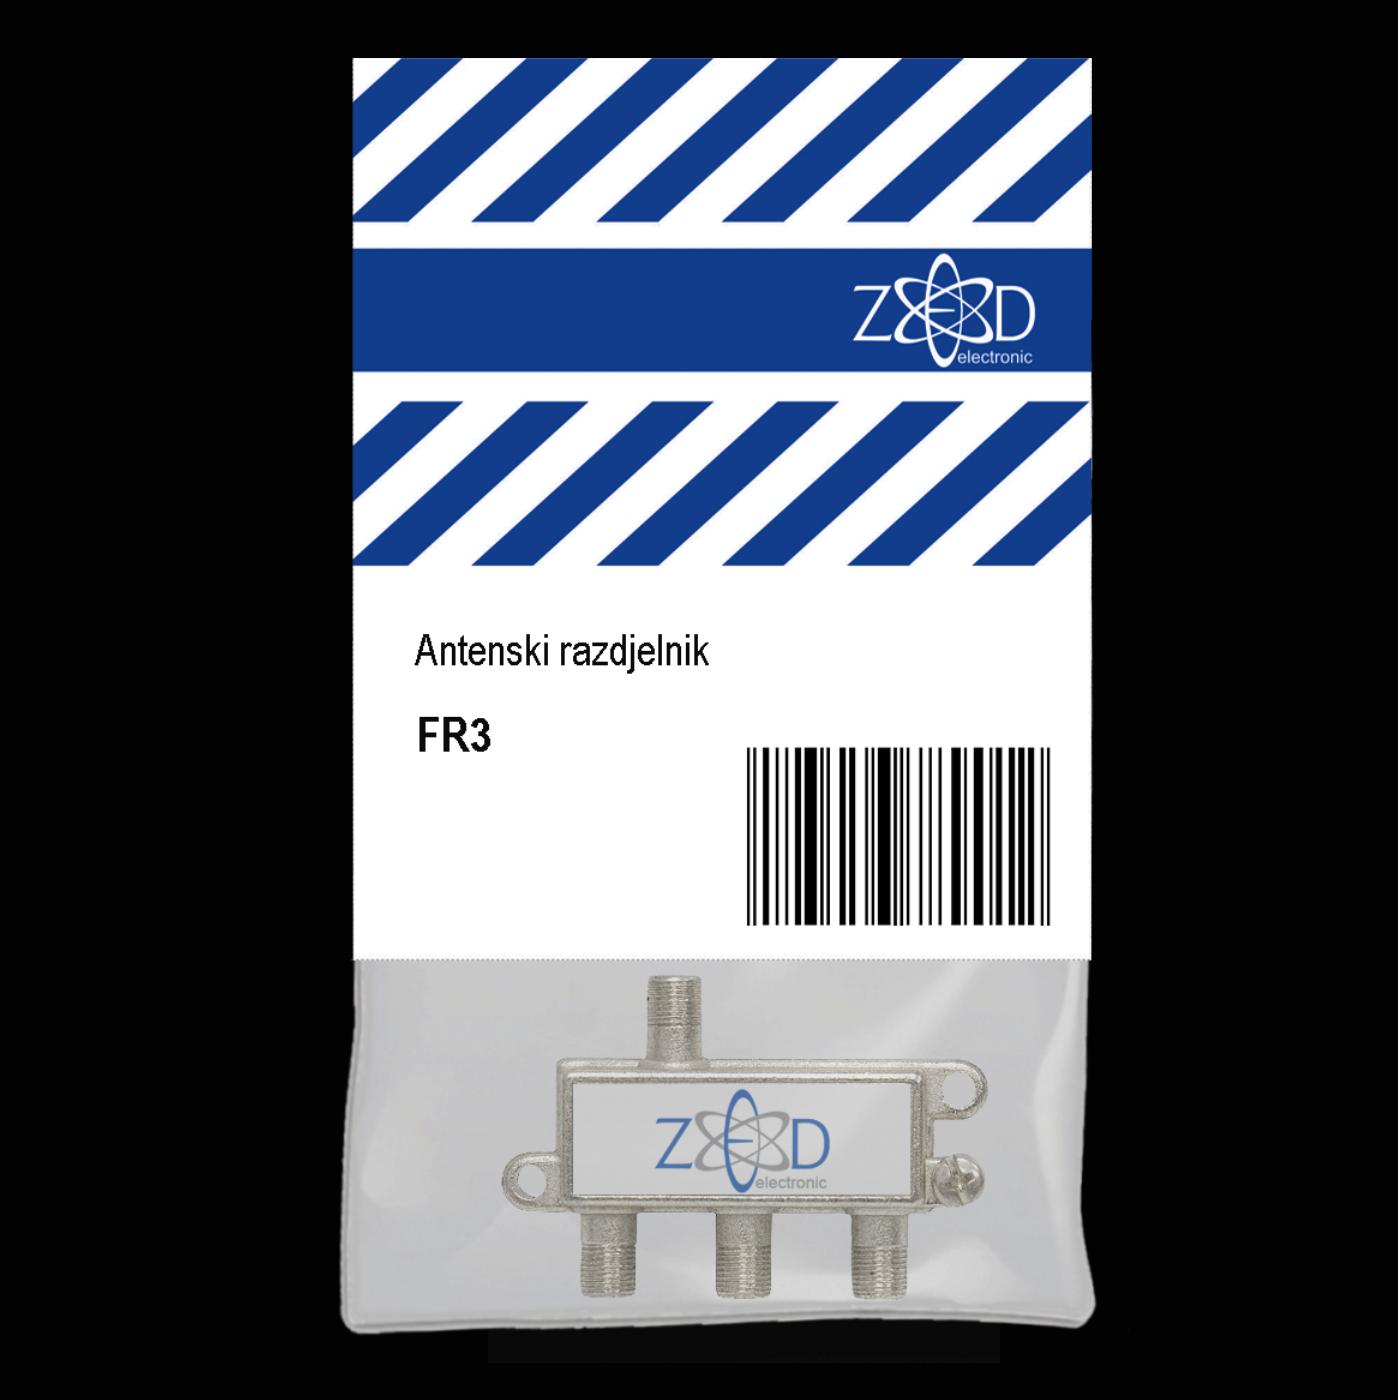 ZED electronic - FR3